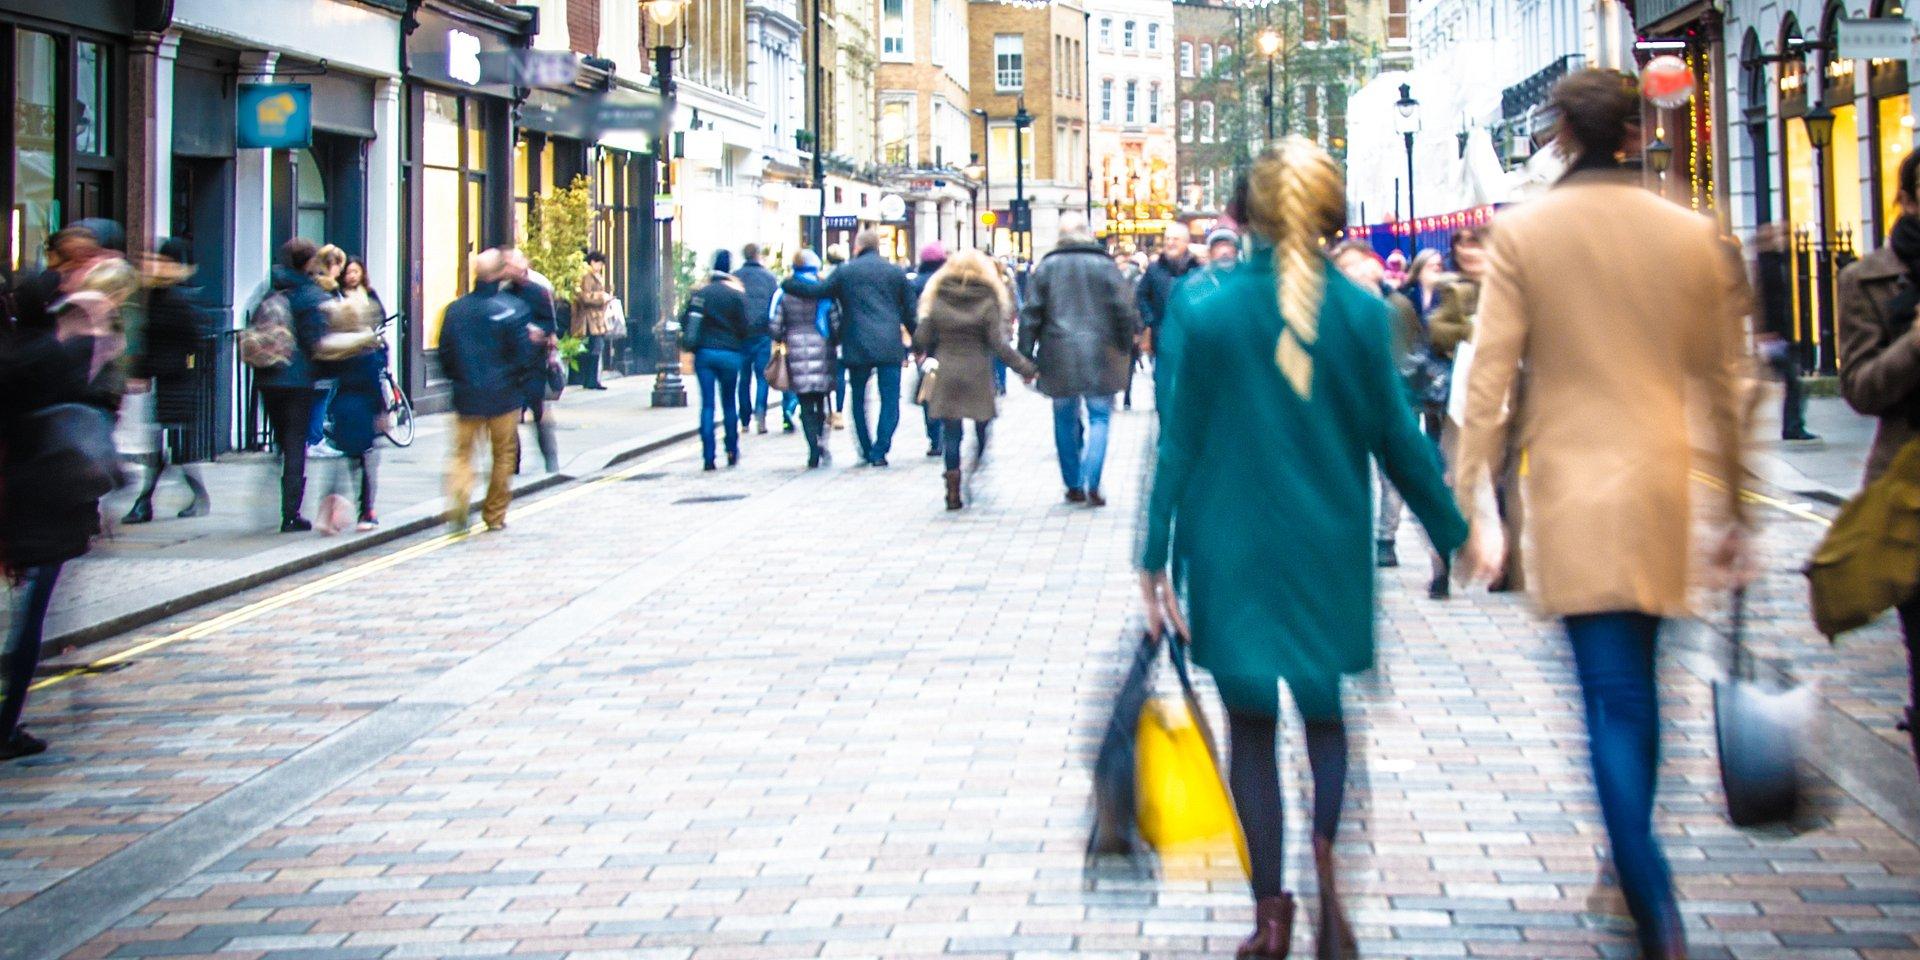 """Nowy Świat najbardziej prestiżowym adresem w Polsce. Ranking CBRE """"TOP10 high streets"""" pokazuje, gdzie wybrać się na luksusowe zakupy i dobrze zjeść"""